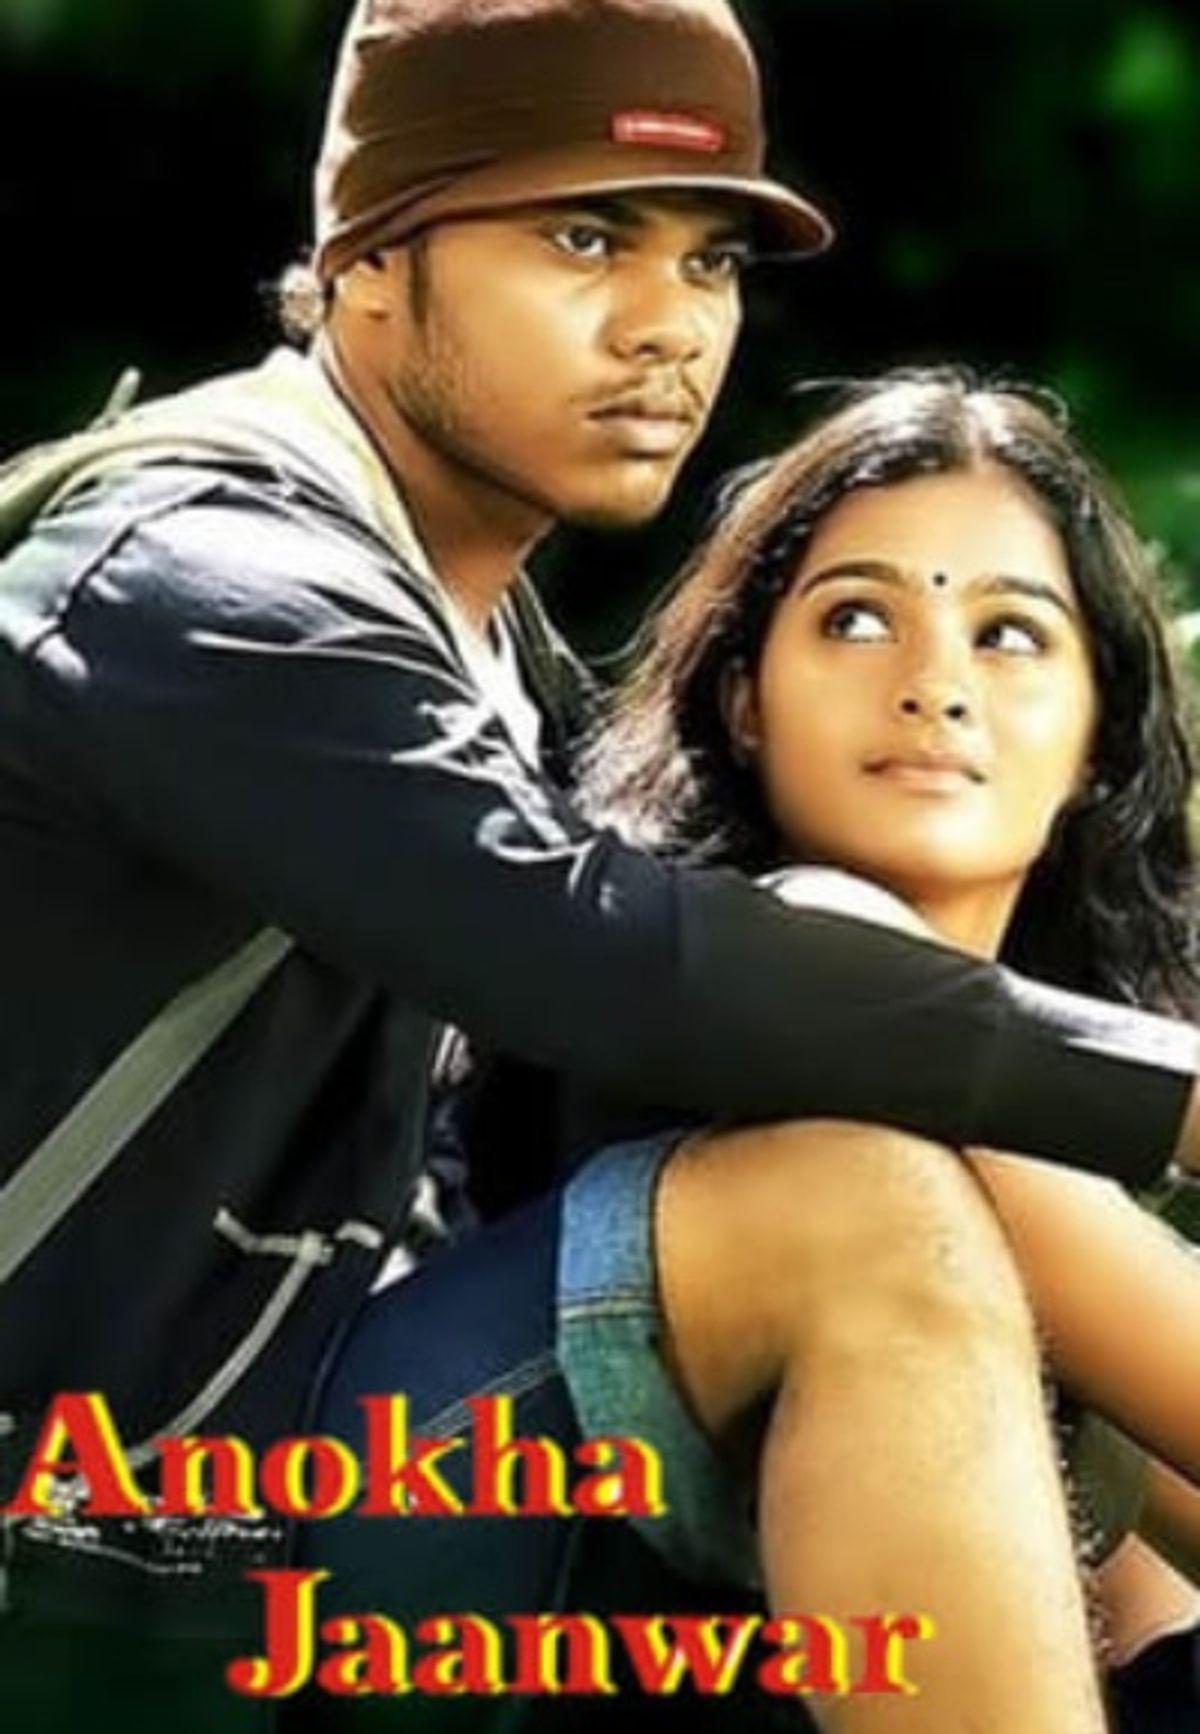 Anokha Jaanwar